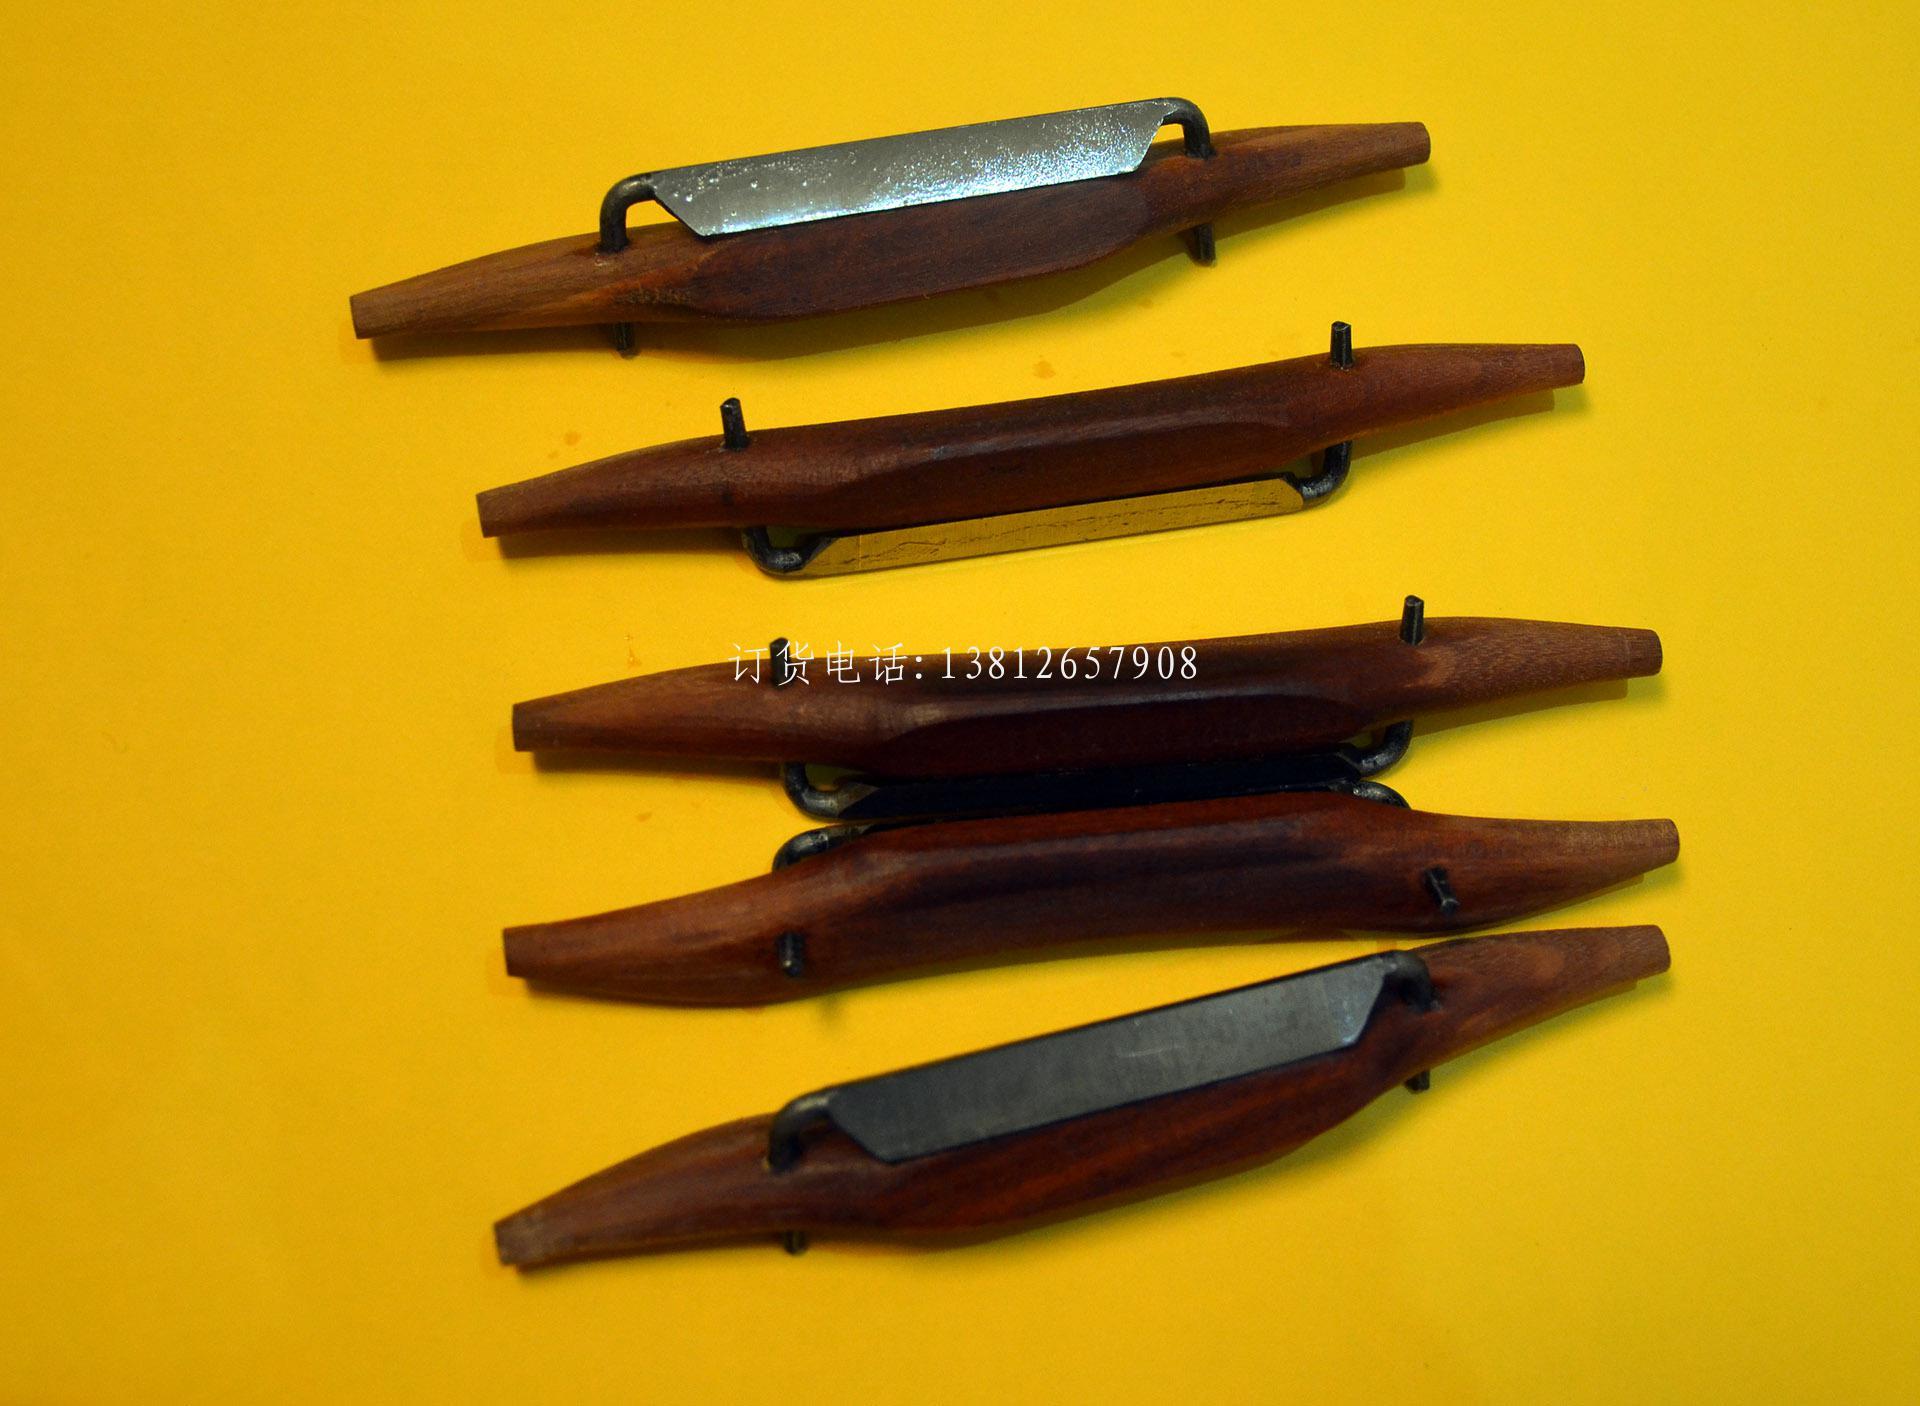 手工去毛刺刀具 披锋刀 刮披锋刀 注塑去披锋刀 第4张